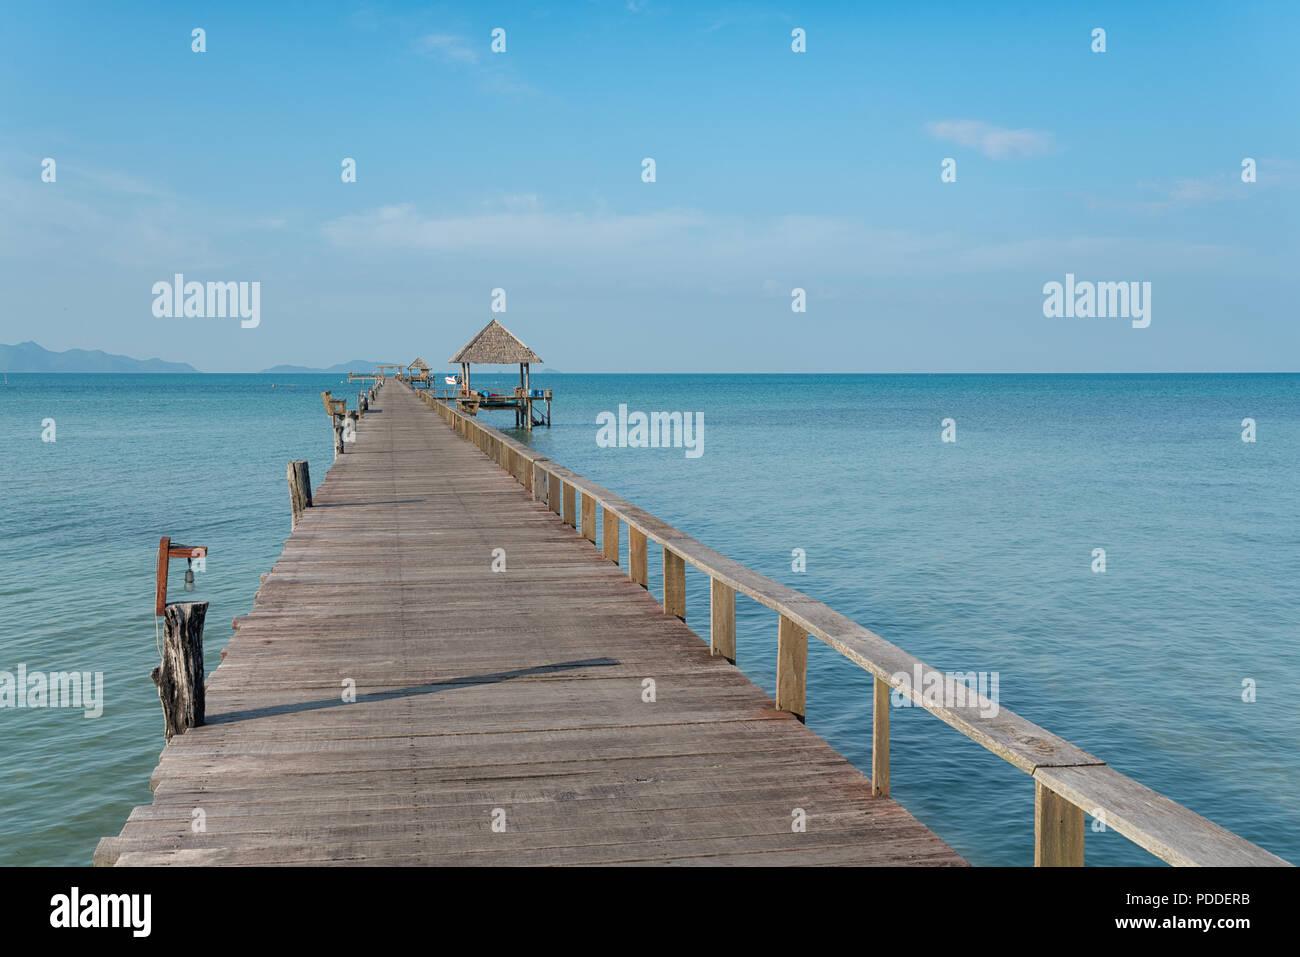 Il molo di legno con barca a Phuket, Tailandia. Estate, Viaggi, vacanze e concetto di vacanza. Immagini Stock